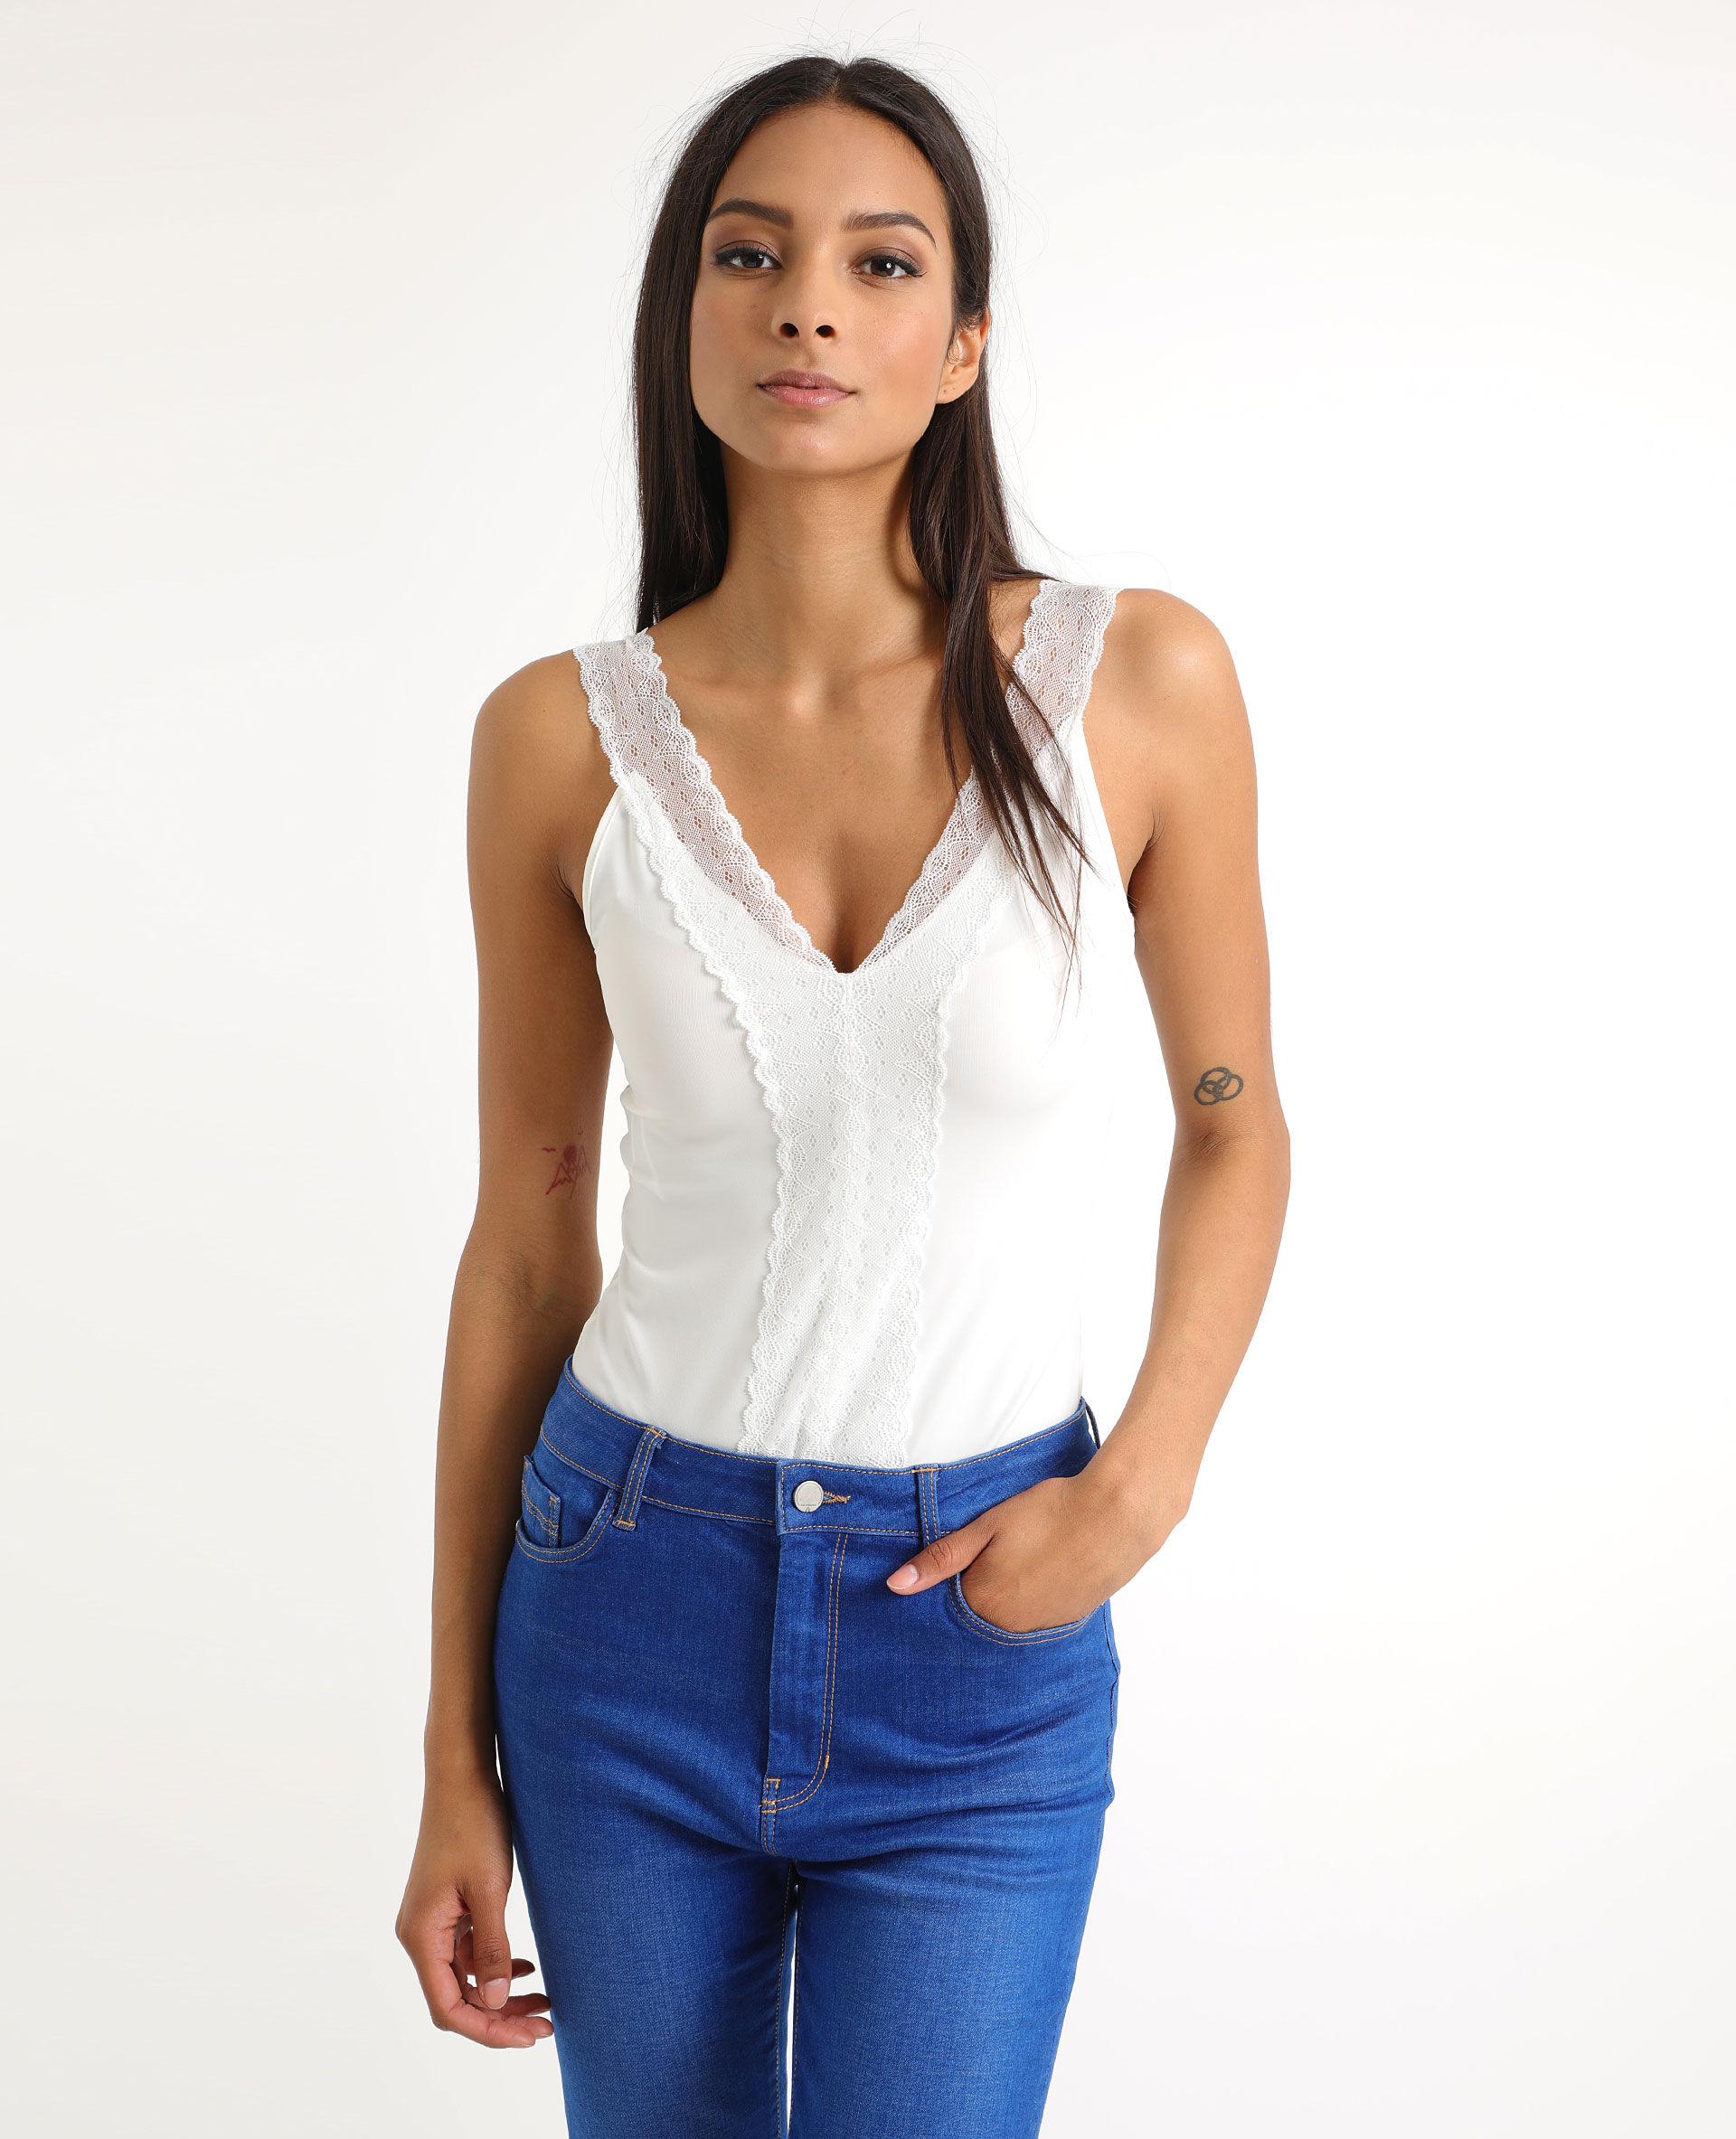 Body à dentelle Femme - Couleur blanc cassé - Taille XL - PIMKIE - MODE FEMME